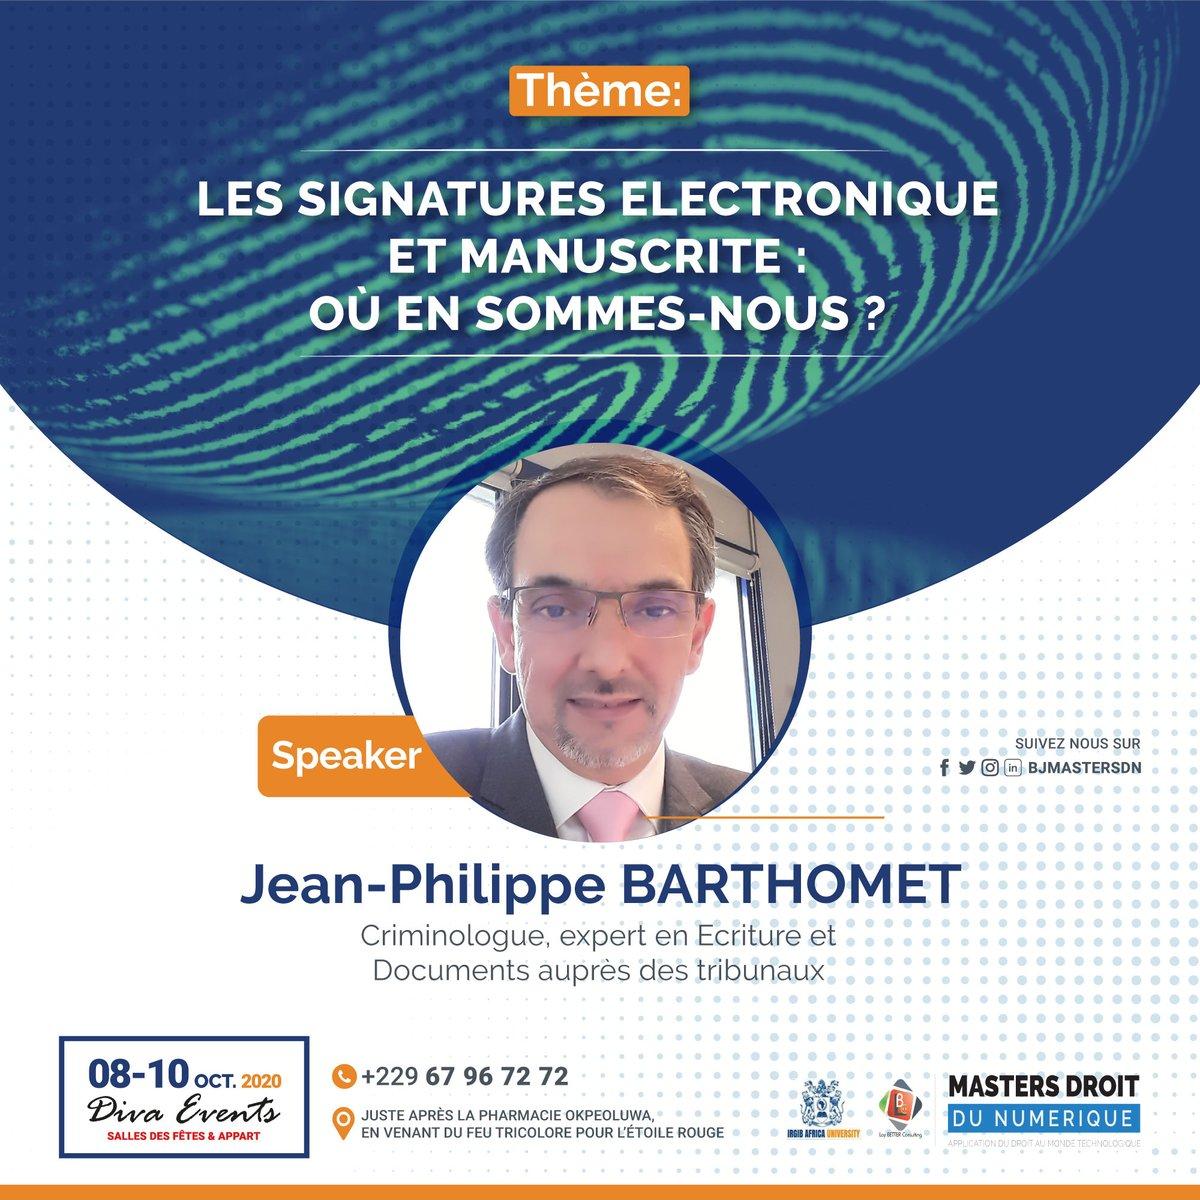 Criminologue et expert en écriture et documents auprès des tribunaux, @Jean-Philippe BARTHOMET va nous éclairer sur l'avenir de la signature. Obtenez votre pass 👉https://t.co/Aay8Dg9b8X #droitnumerique #BJMasterDN https://t.co/mIxmWQdMfO